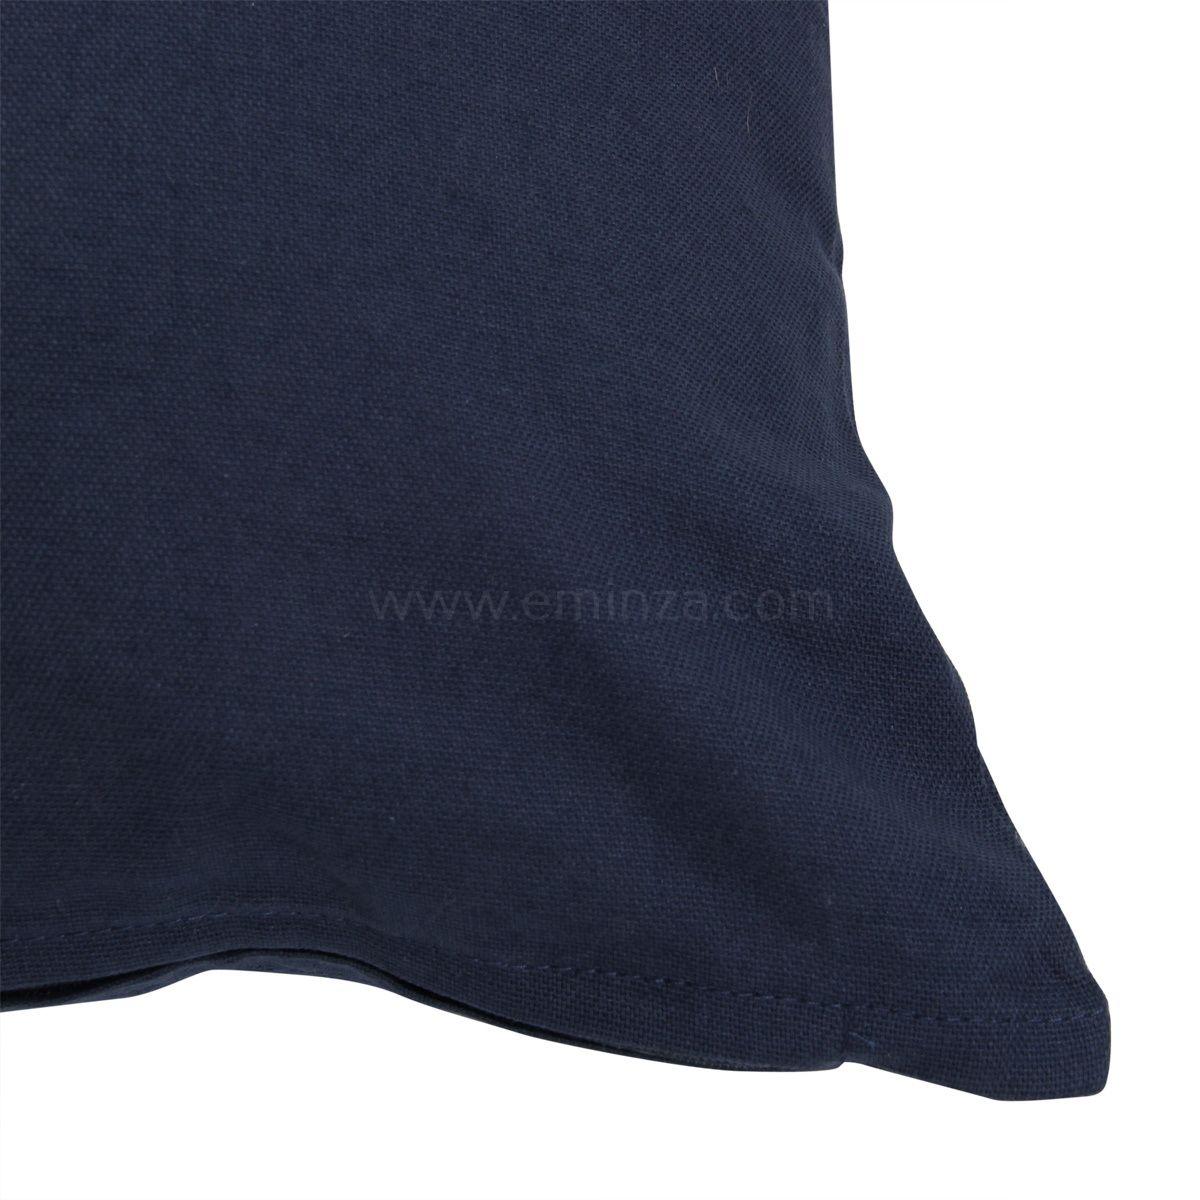 coussin 40 cm etna bleu marine coussin et housse de coussin eminza. Black Bedroom Furniture Sets. Home Design Ideas